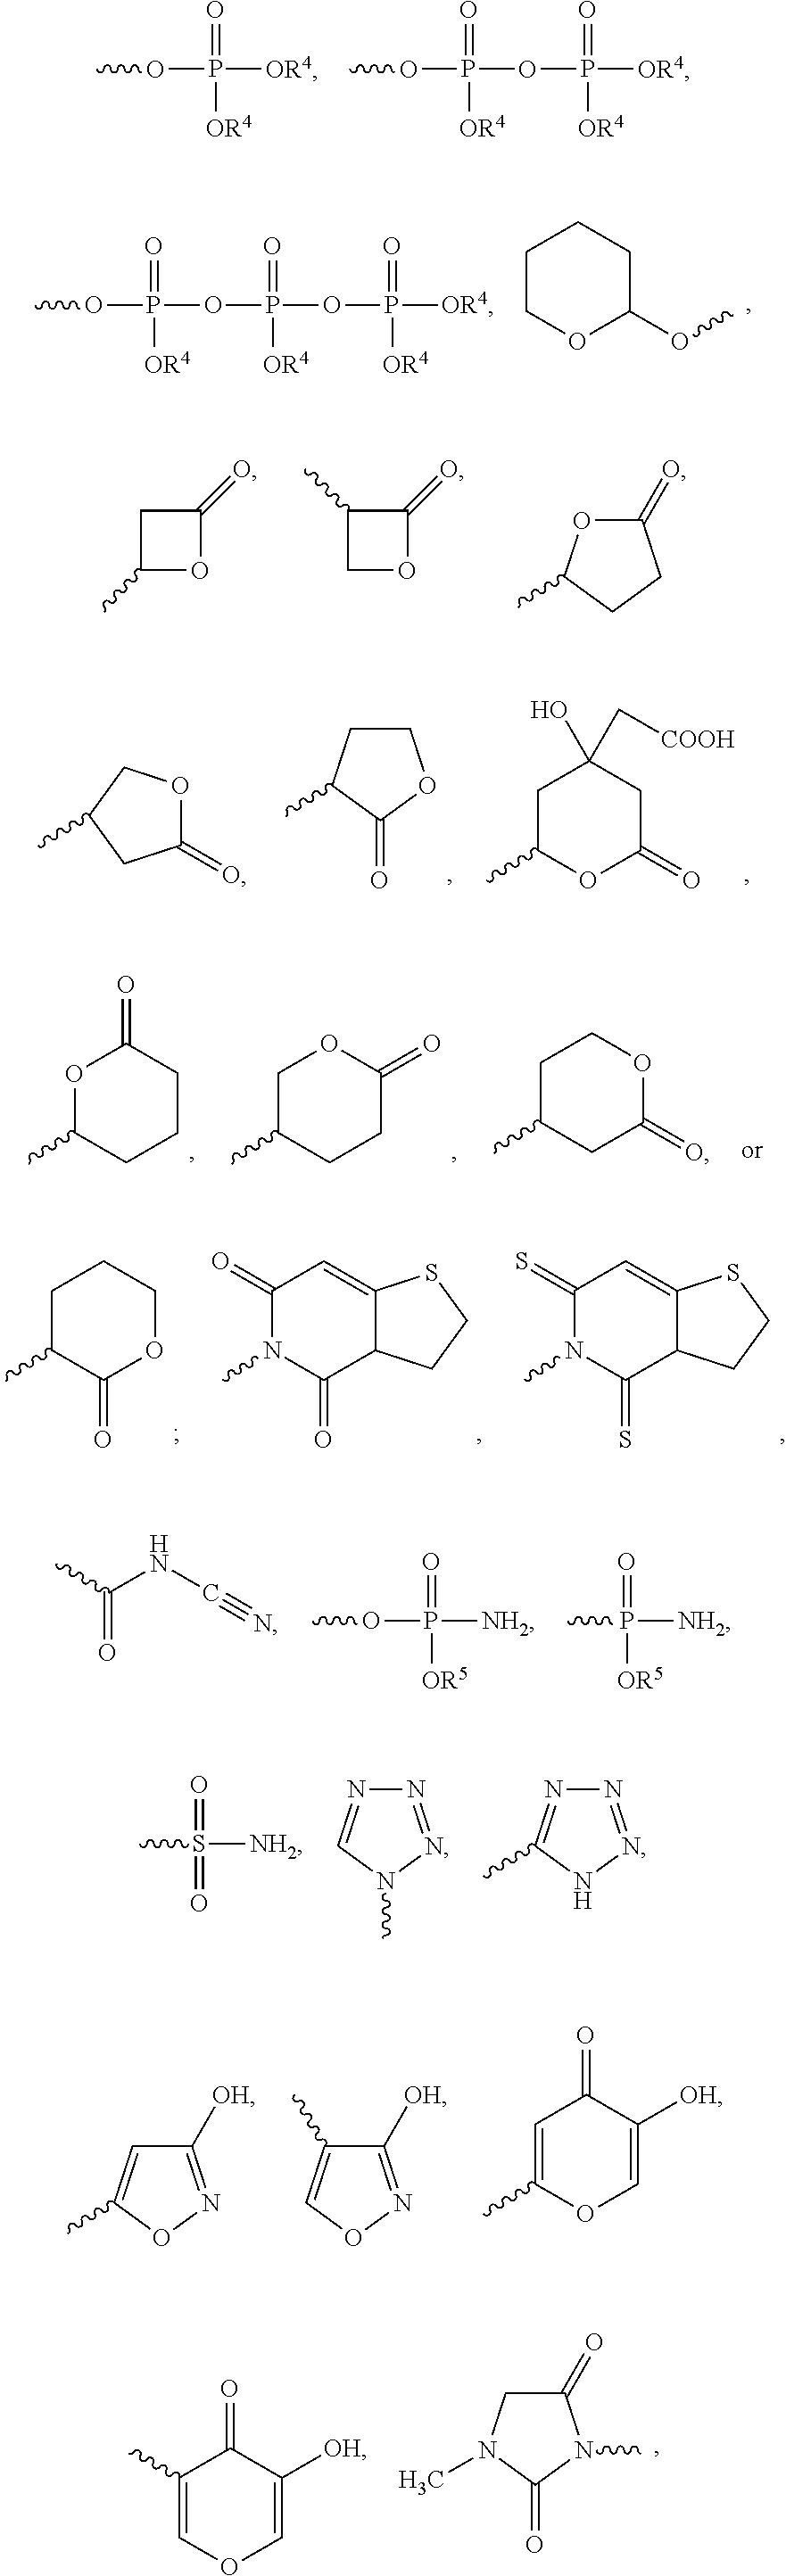 Figure US09855240-20180102-C00011